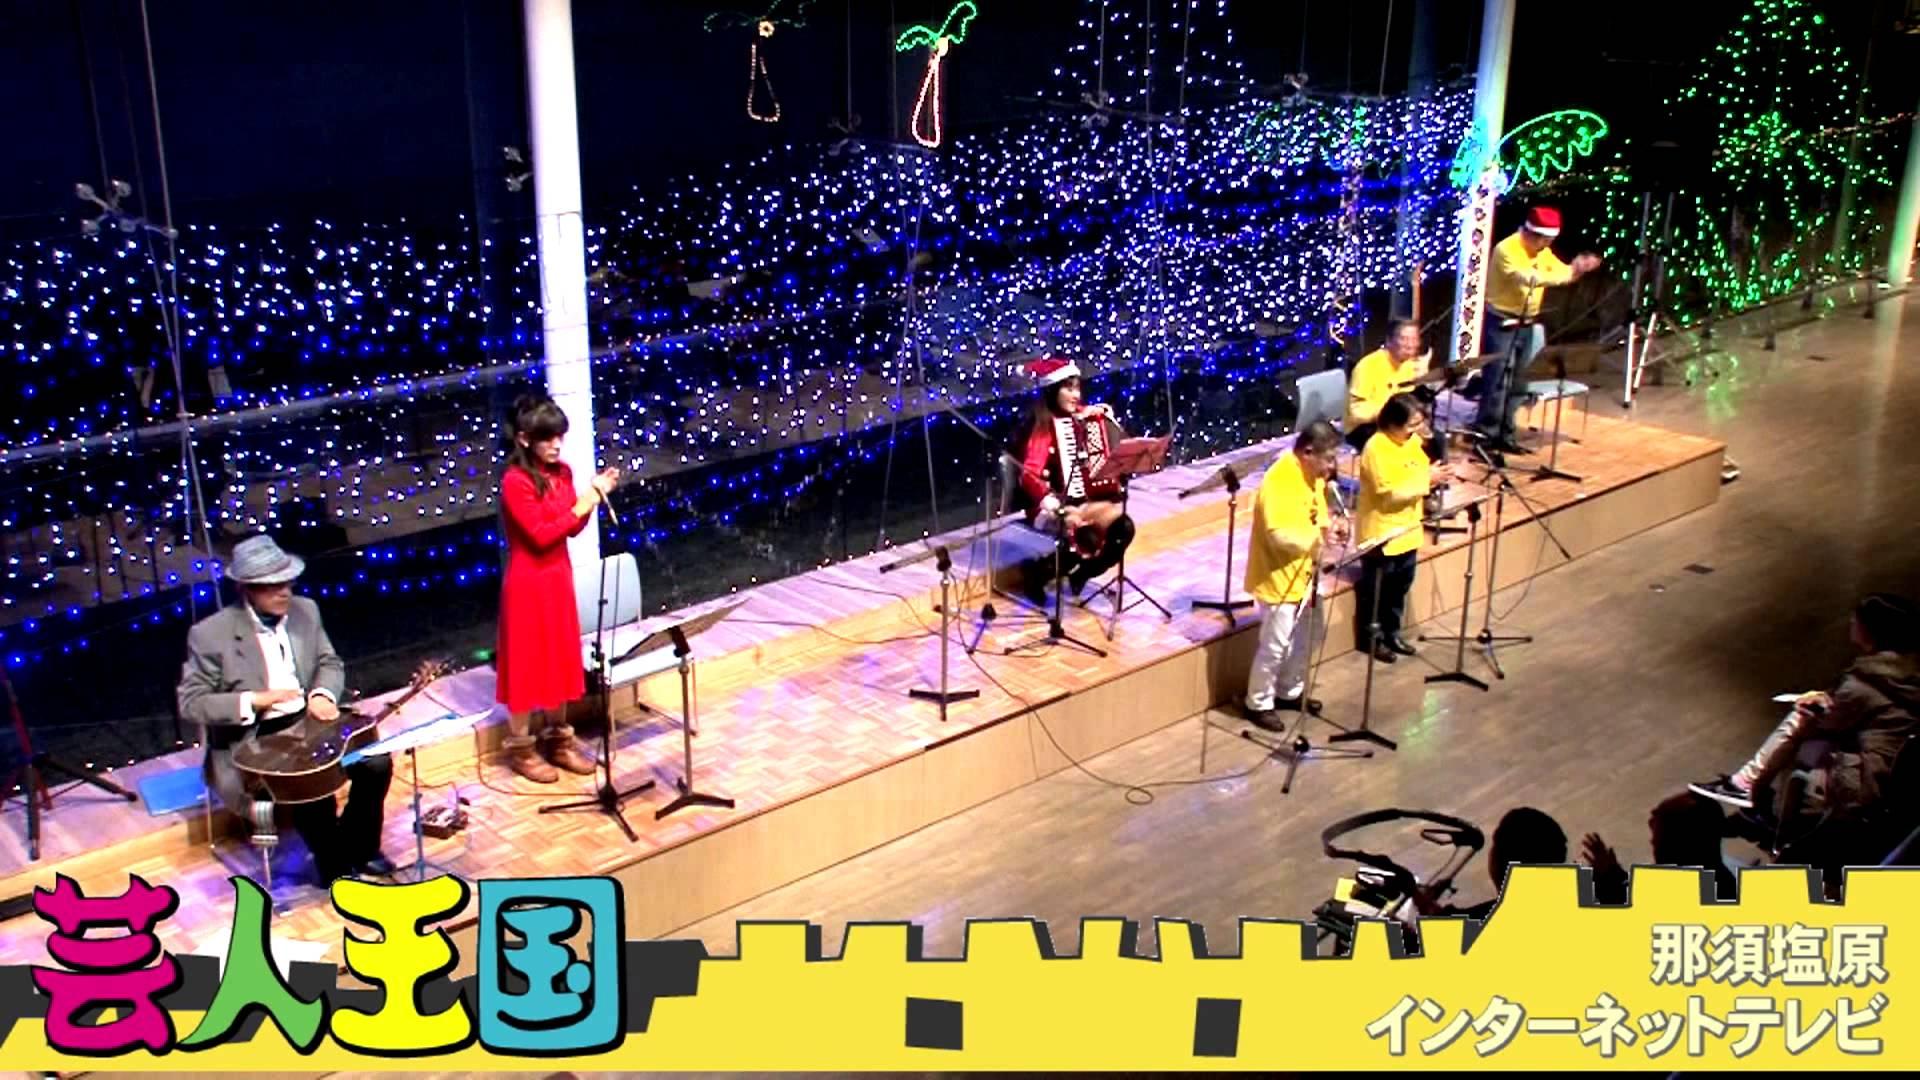 ハーモニーフェスティバル クリスマス・コンサート 芸人王国